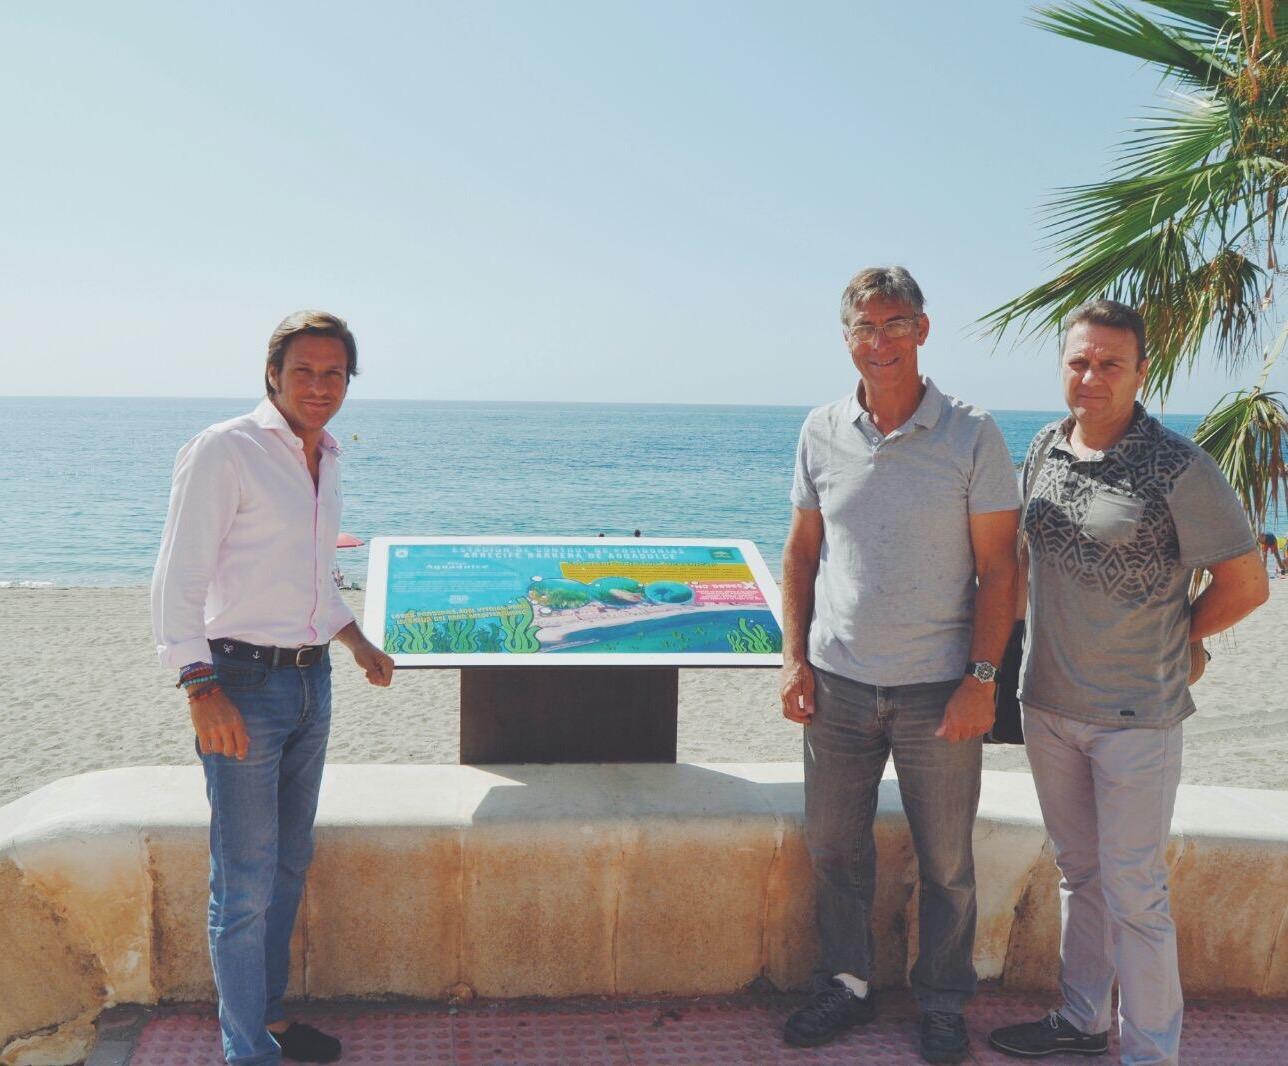 Buen comienzo para la Estación de Control de Arrecife de Posidonia Oceánica de la Playa de Aguadulce